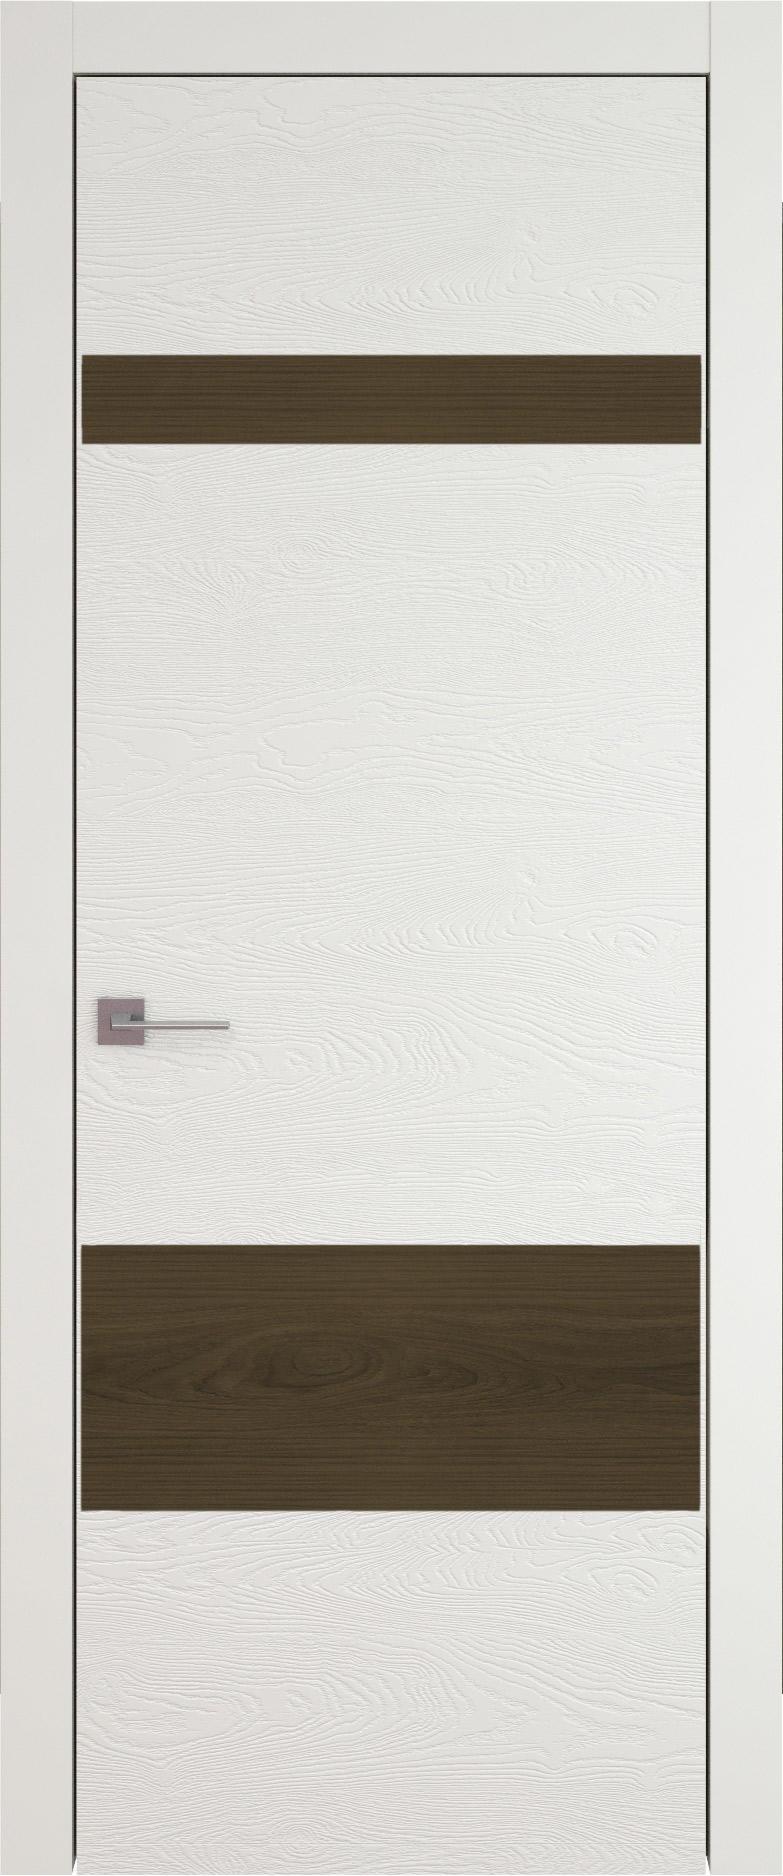 Tivoli К-4 цвет - Бежевая эмаль по шпону (RAL 9010) Без стекла (ДГ)